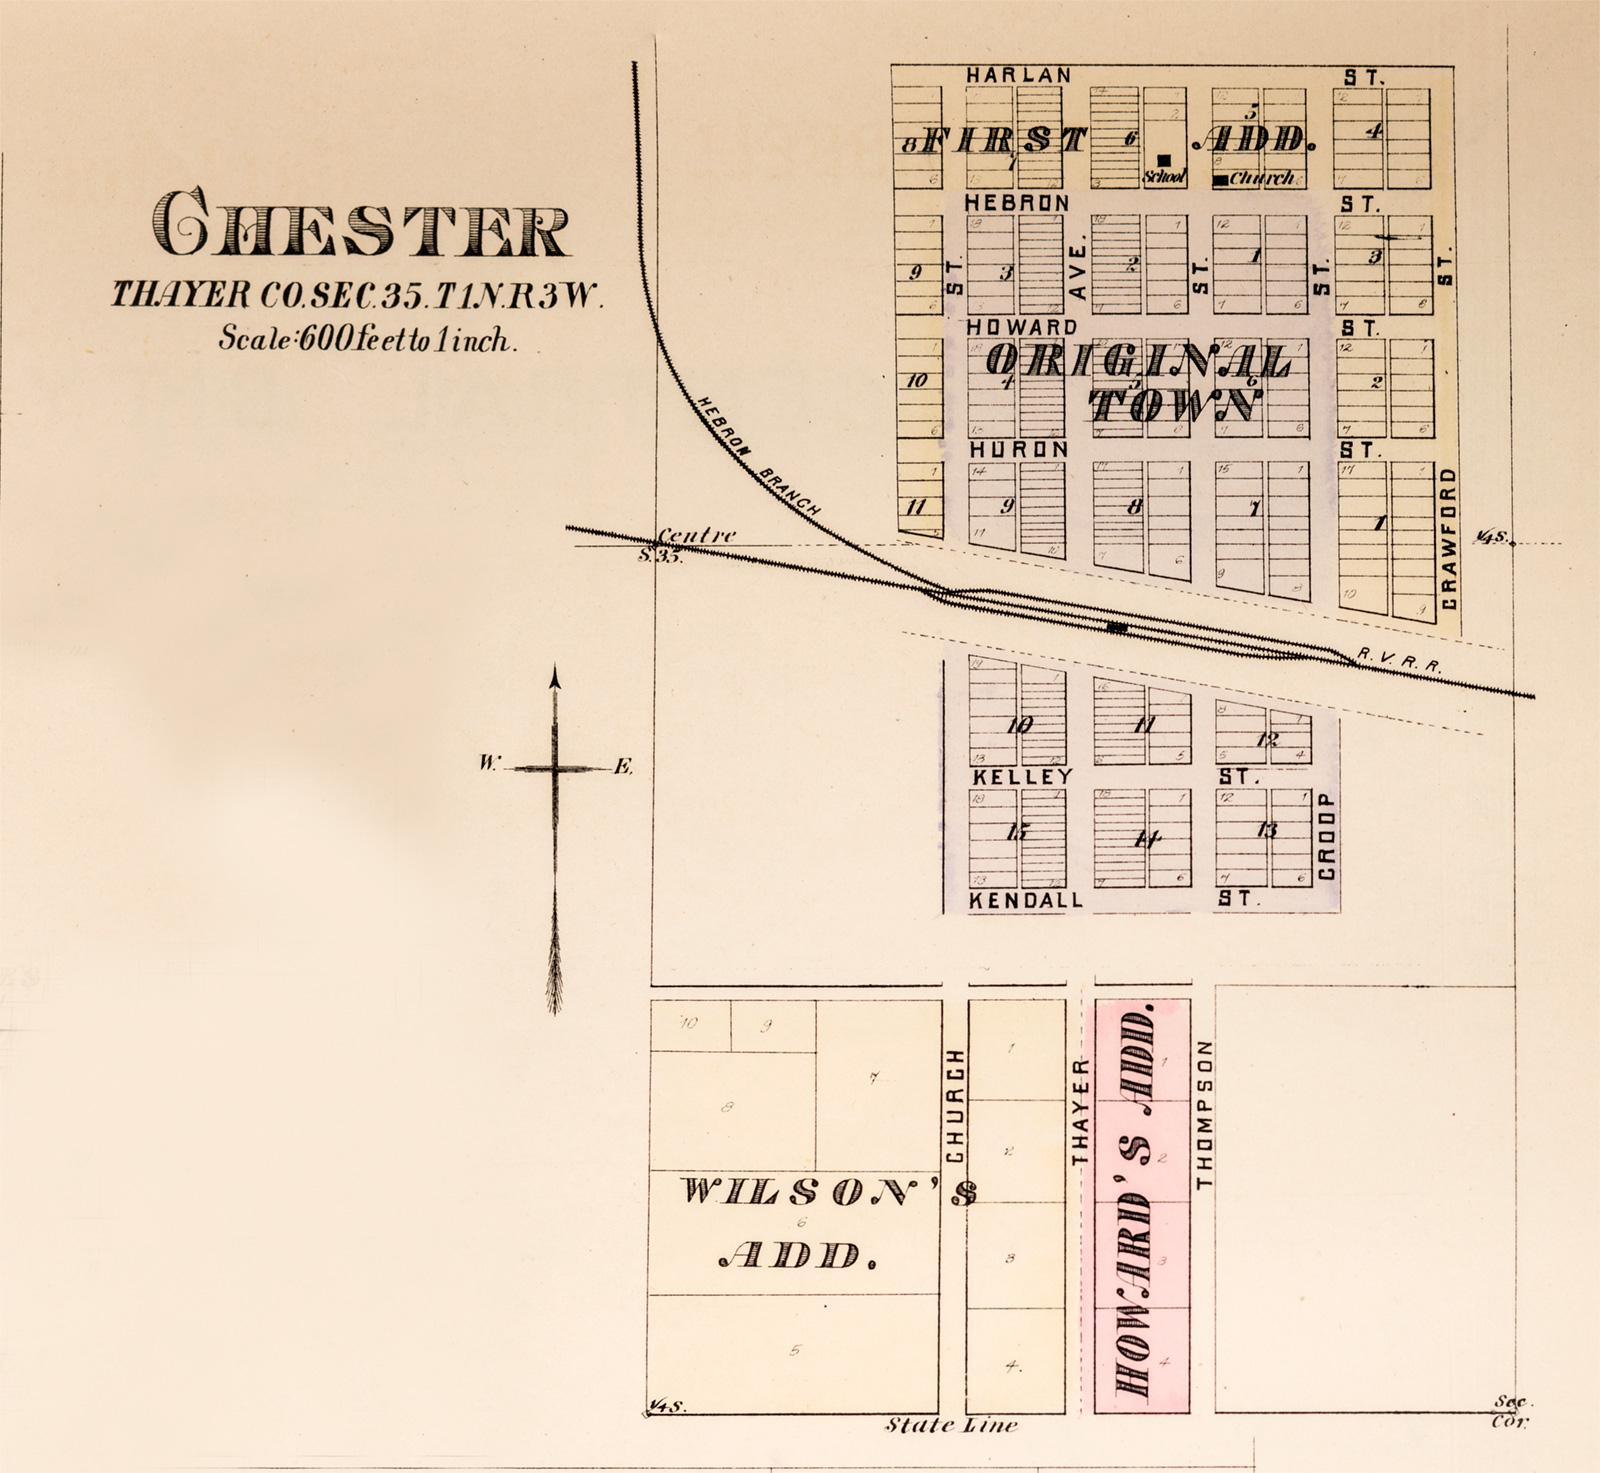 1885 Plat Map of Chester Nebraska Image